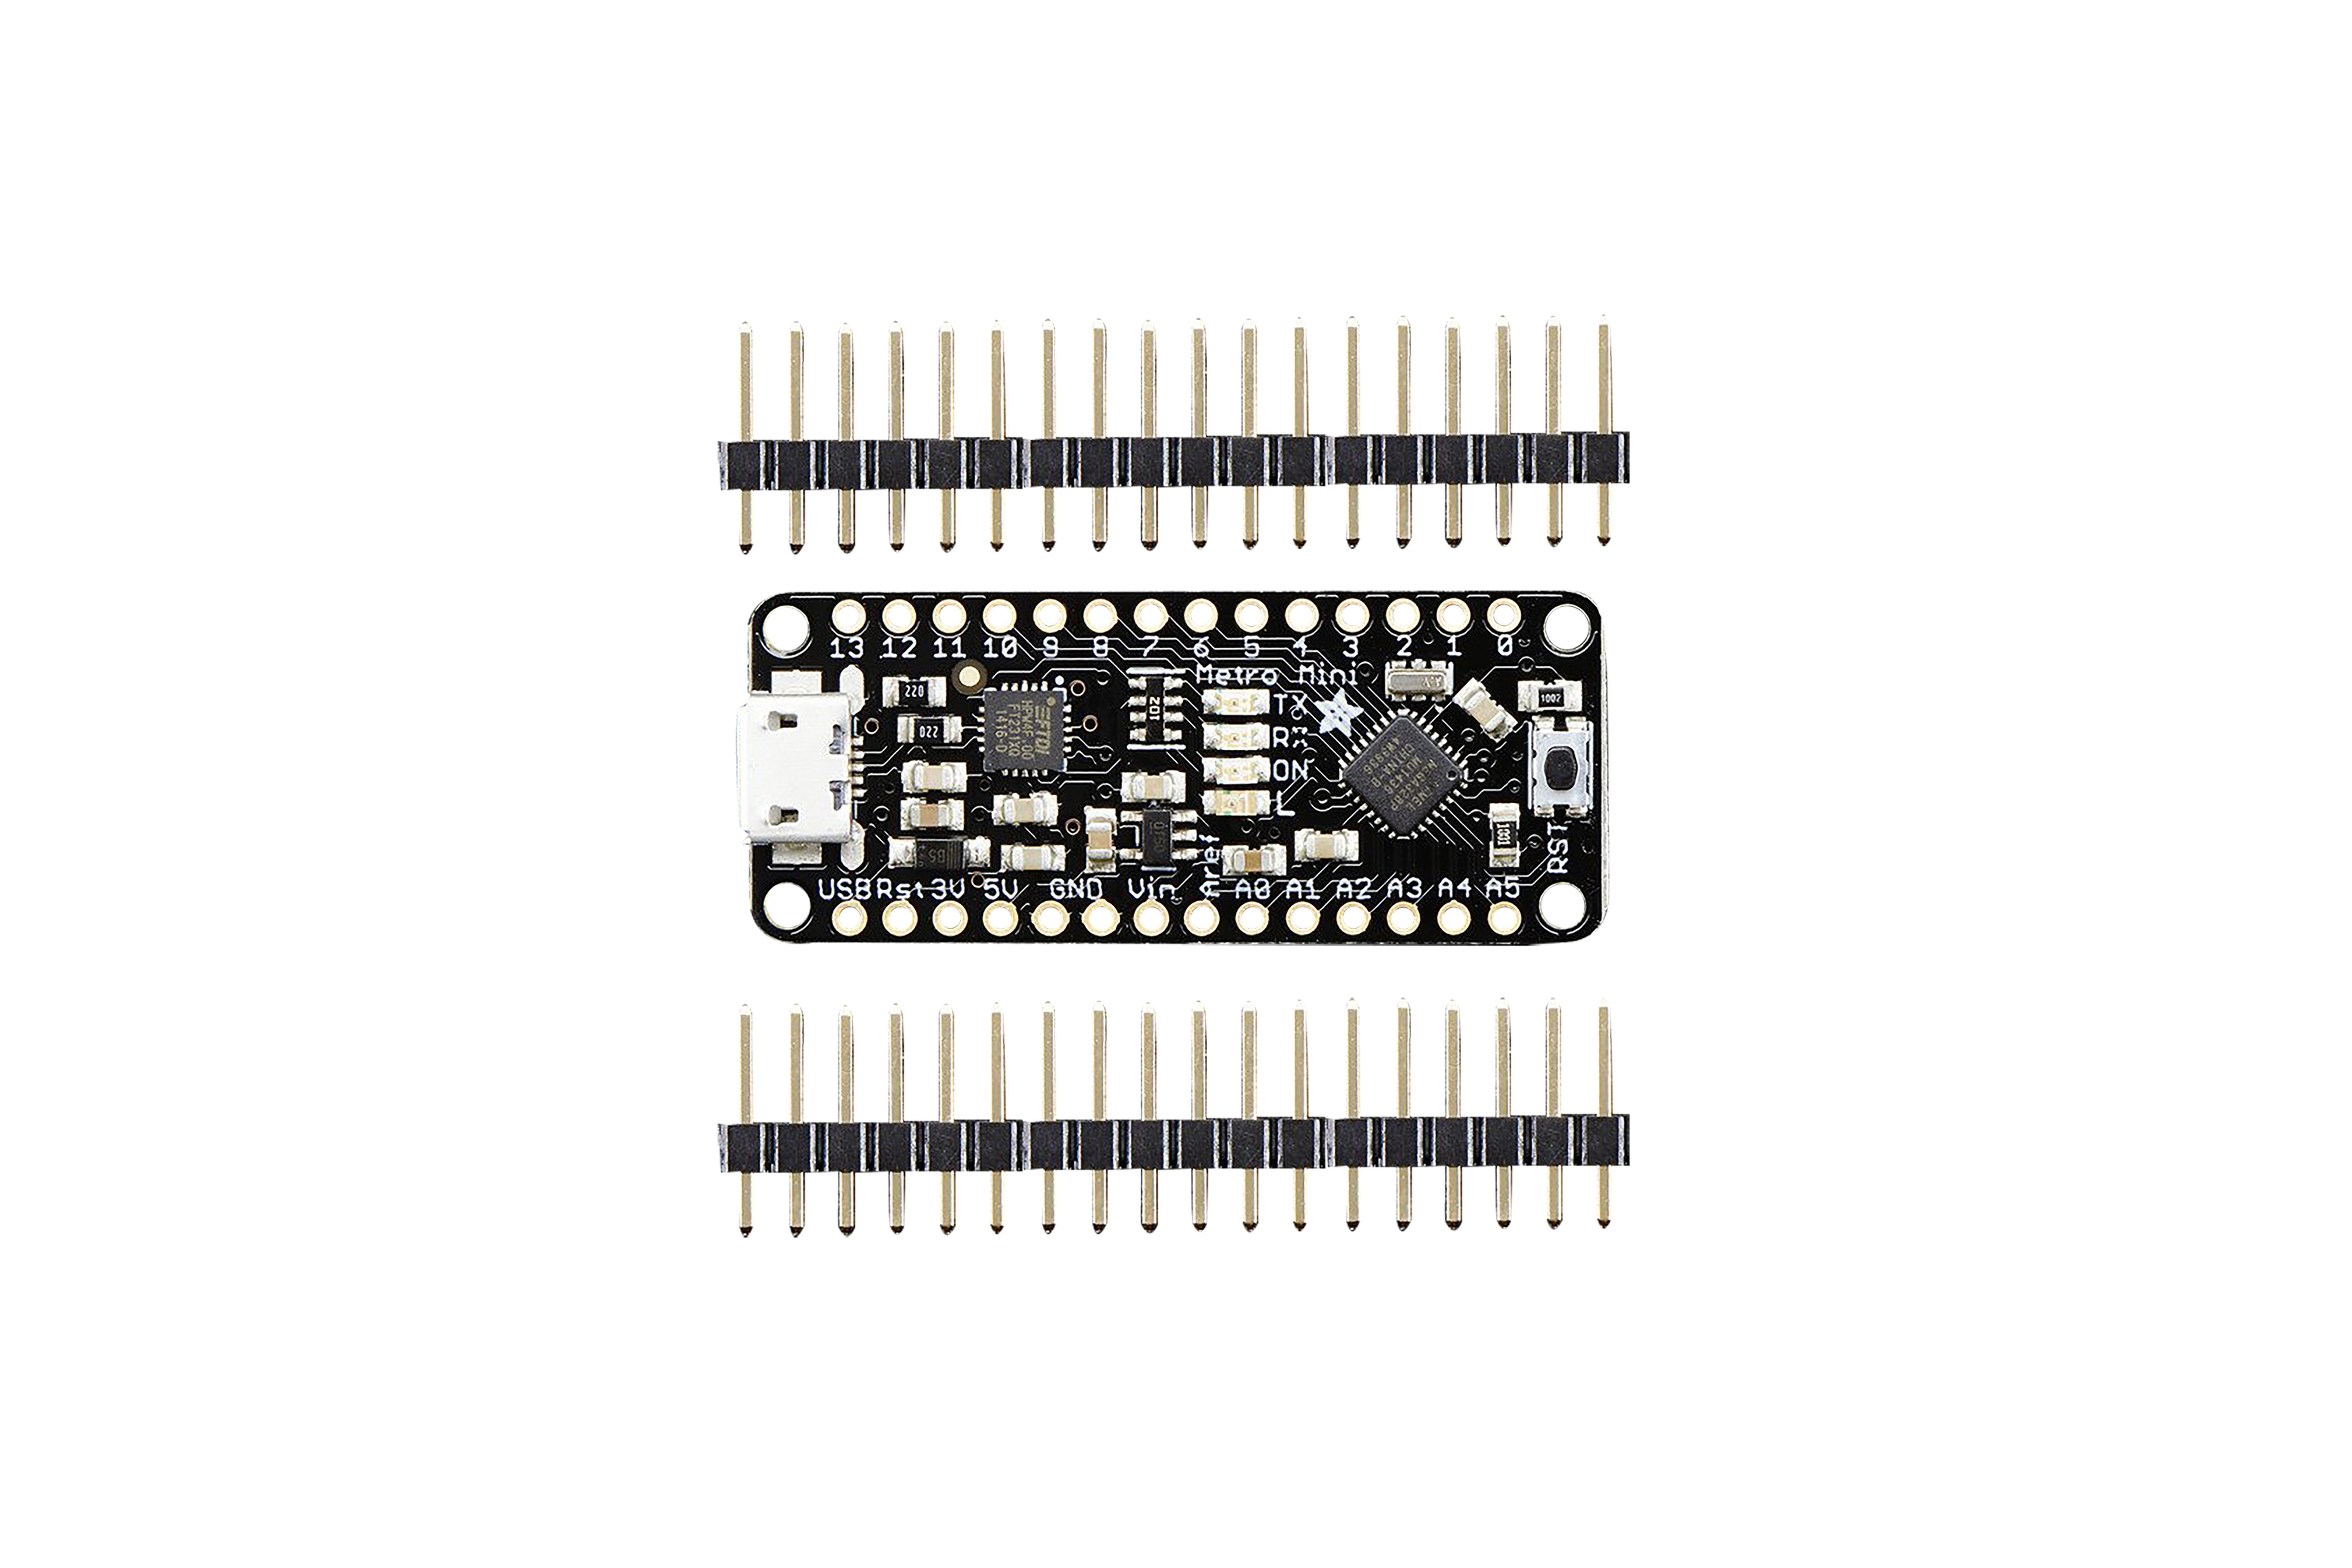 ADAFRUIT METRO MINI MIKRO-PLATINE5V 16 MHz